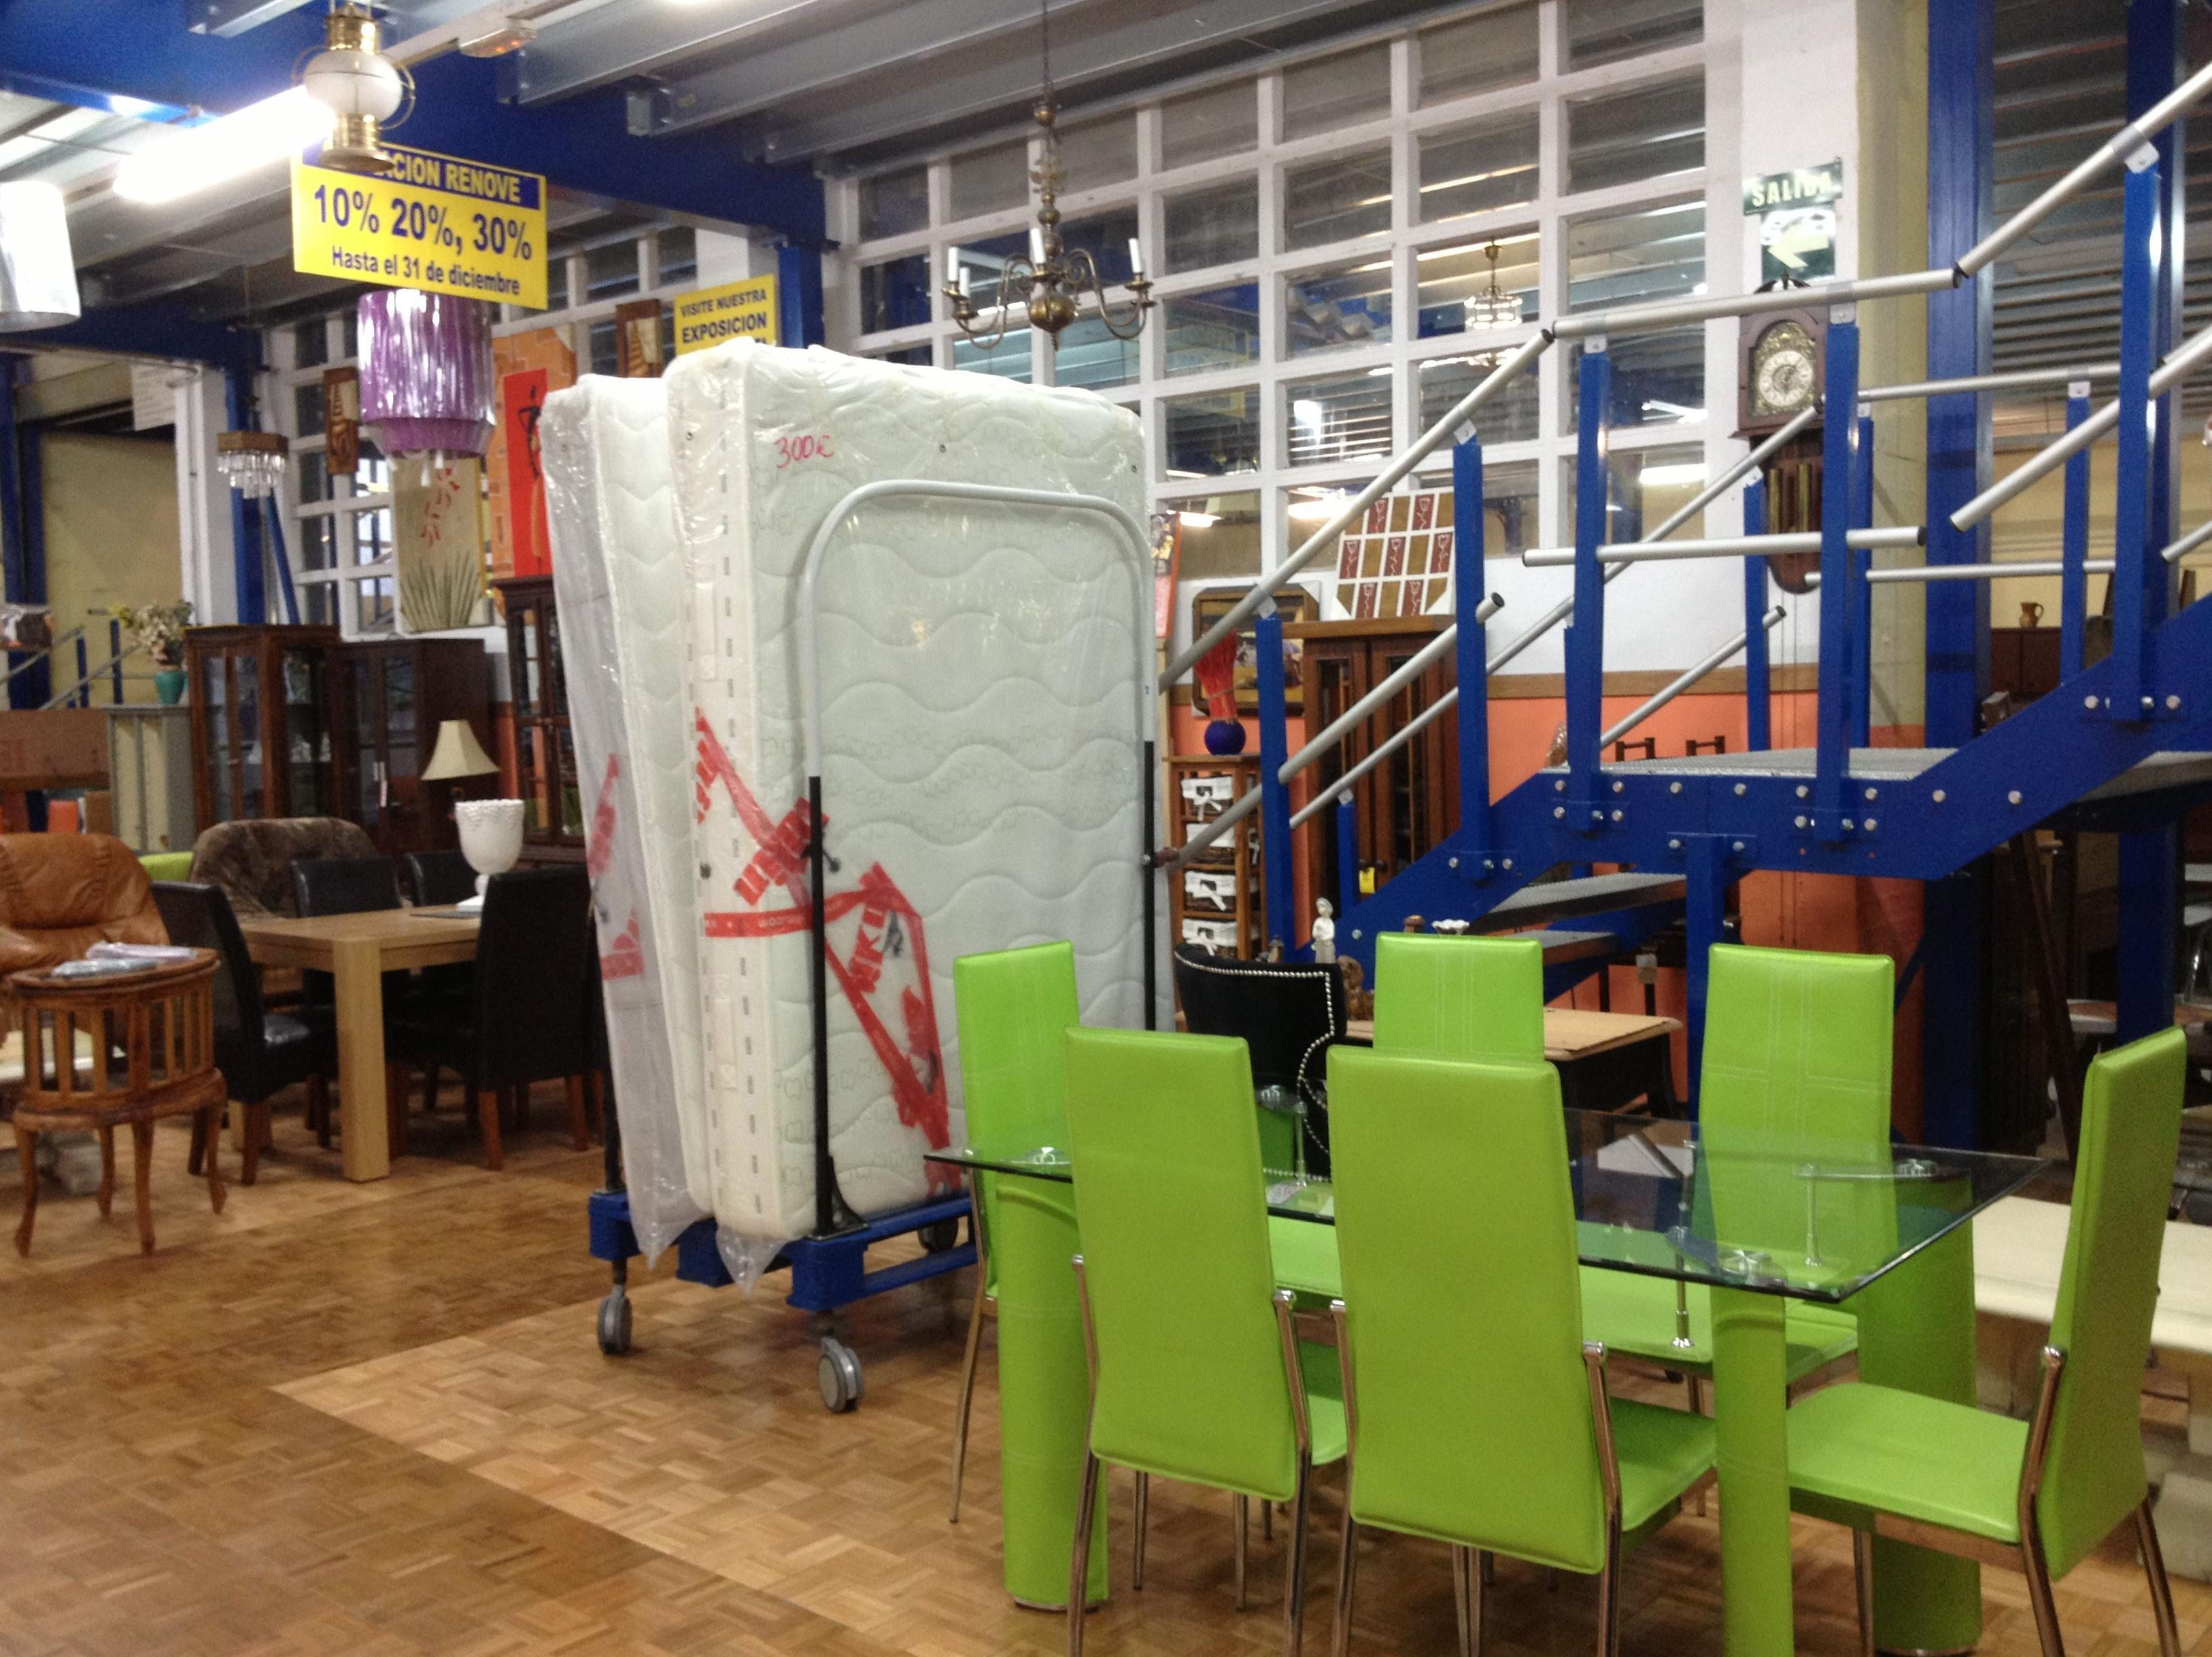 Muebles de segunda mano muebles nuevos y usados de remar - Remar muebles madrid ...